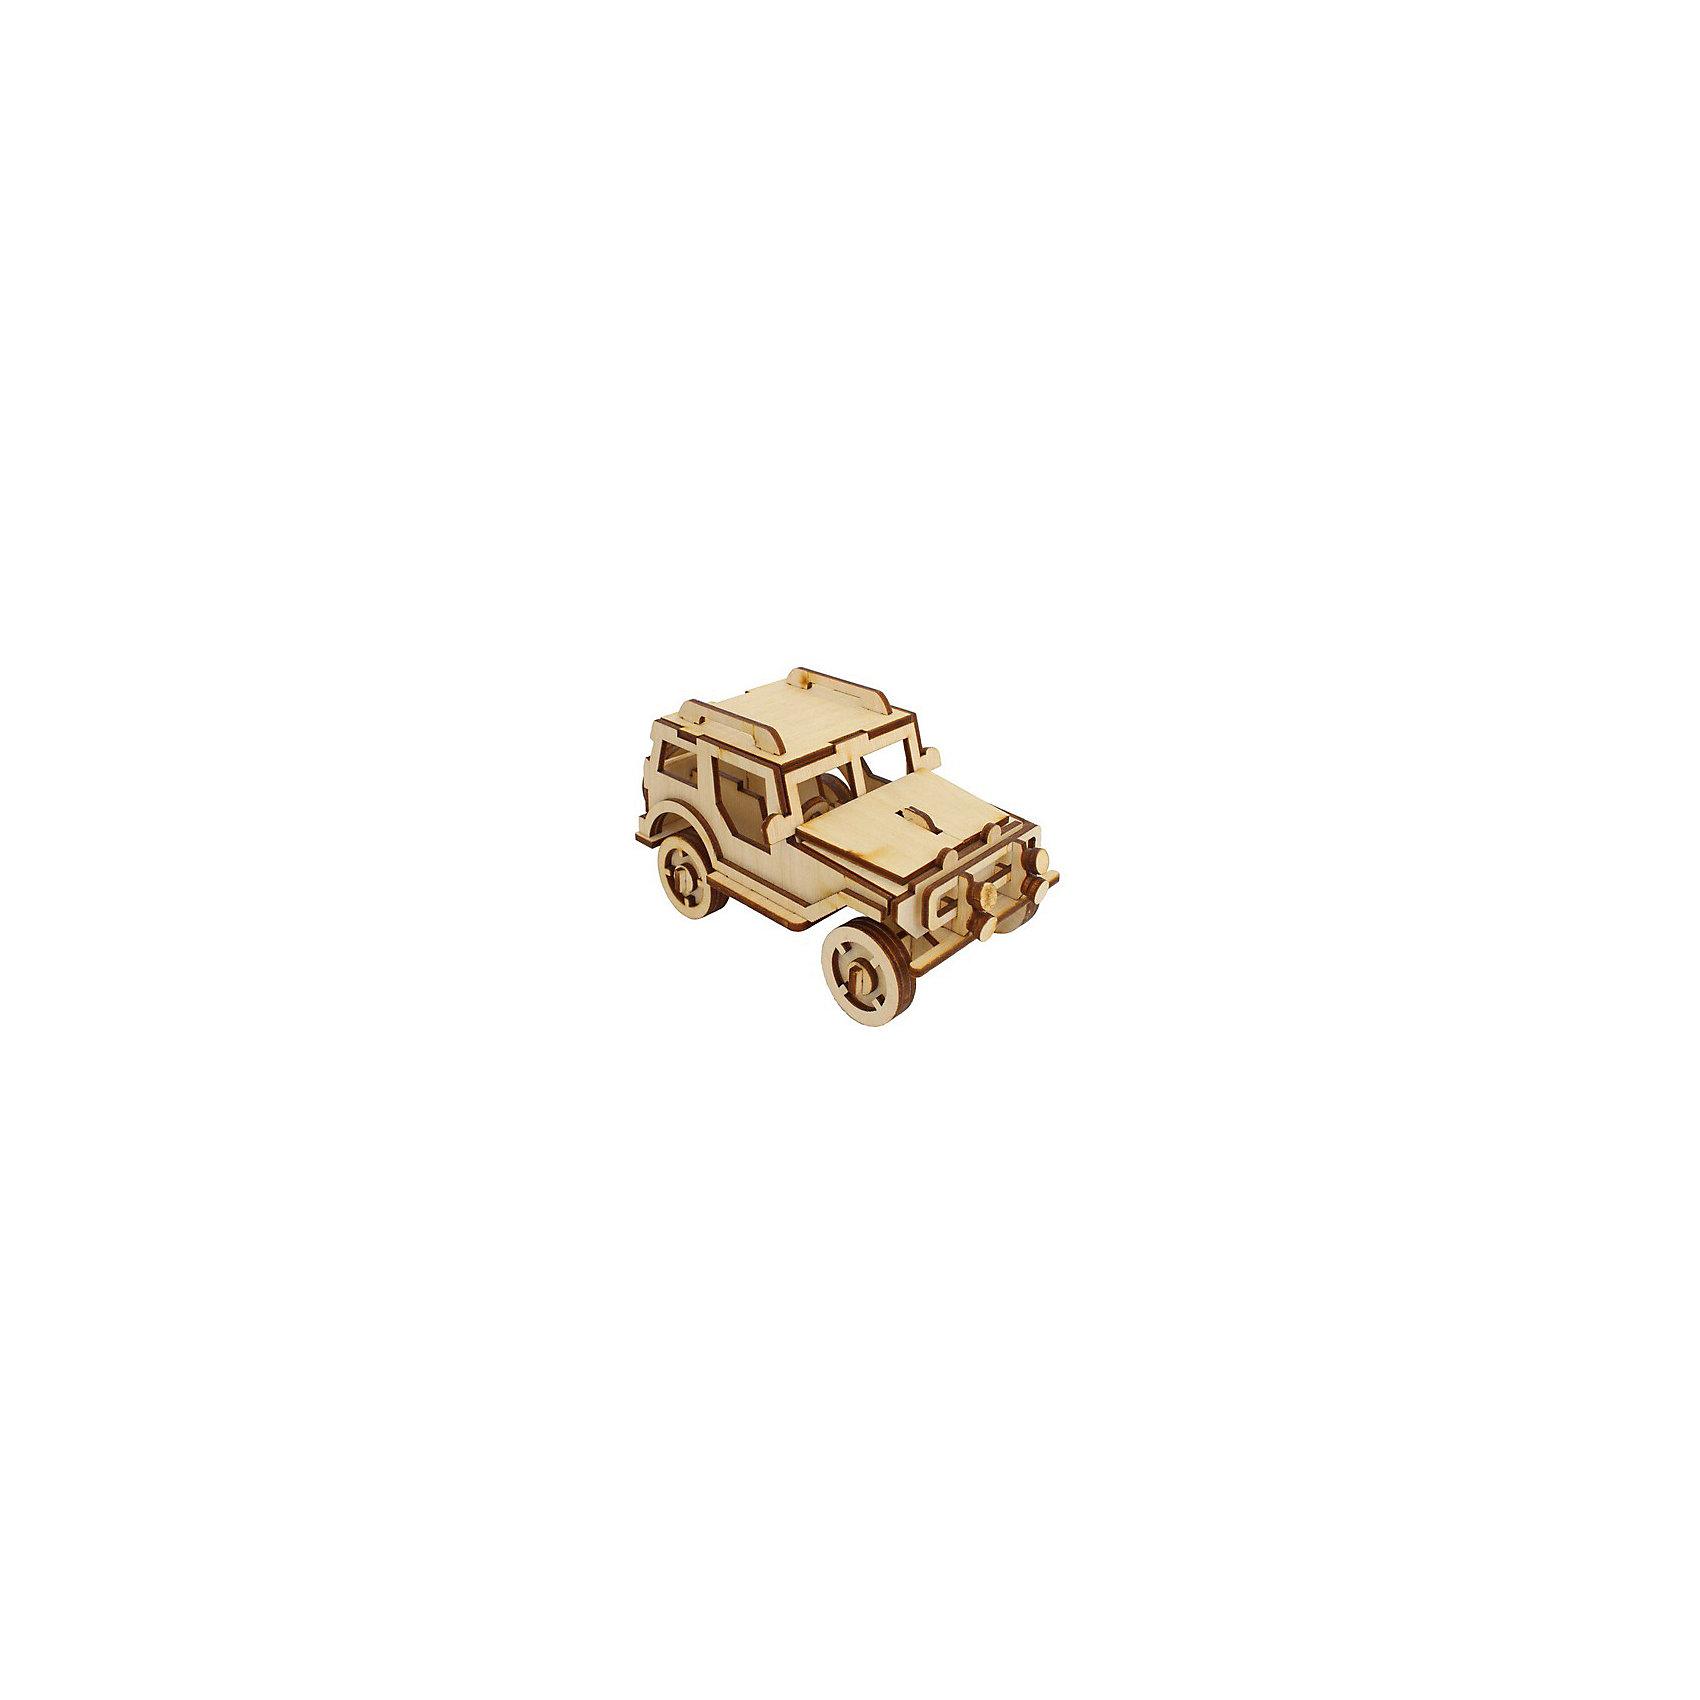 Внедорожник, Мир деревянных игрушекДеревянные конструкторы<br>Отличный вариант подарка для любящего технику творческого ребенка - этот набор, из которого можно самому сделать красивую деревянную фигуру! Для этого нужно выдавить из пластины с деталями элементы для сборки и соединить их. Из наборов получаются красивые очень реалистичные игрушки, которые могут стать украшением комнаты.<br>Собирая их, ребенок будет развивать пространственное мышление, память и мелкую моторику. А раскрашивая готовое произведение, дети научатся подбирать цвета и будут развивать художественные навыки. Этот набор произведен из качественных и безопасных для детей материалов - дерево тщательно обработано.<br><br>Дополнительная информация:<br><br>материал: дерево;<br>цвет: бежевый;<br>элементы: пластины с деталями для сборки, схема сборки;<br>размер упаковки: 23 х 37 см.<br><br>3D-пазл Внедорожник от бренда Мир деревянных игрушек можно купить в нашем магазине.<br><br>Ширина мм: 350<br>Глубина мм: 50<br>Высота мм: 225<br>Вес г: 350<br>Возраст от месяцев: 36<br>Возраст до месяцев: 144<br>Пол: Мужской<br>Возраст: Детский<br>SKU: 4969206